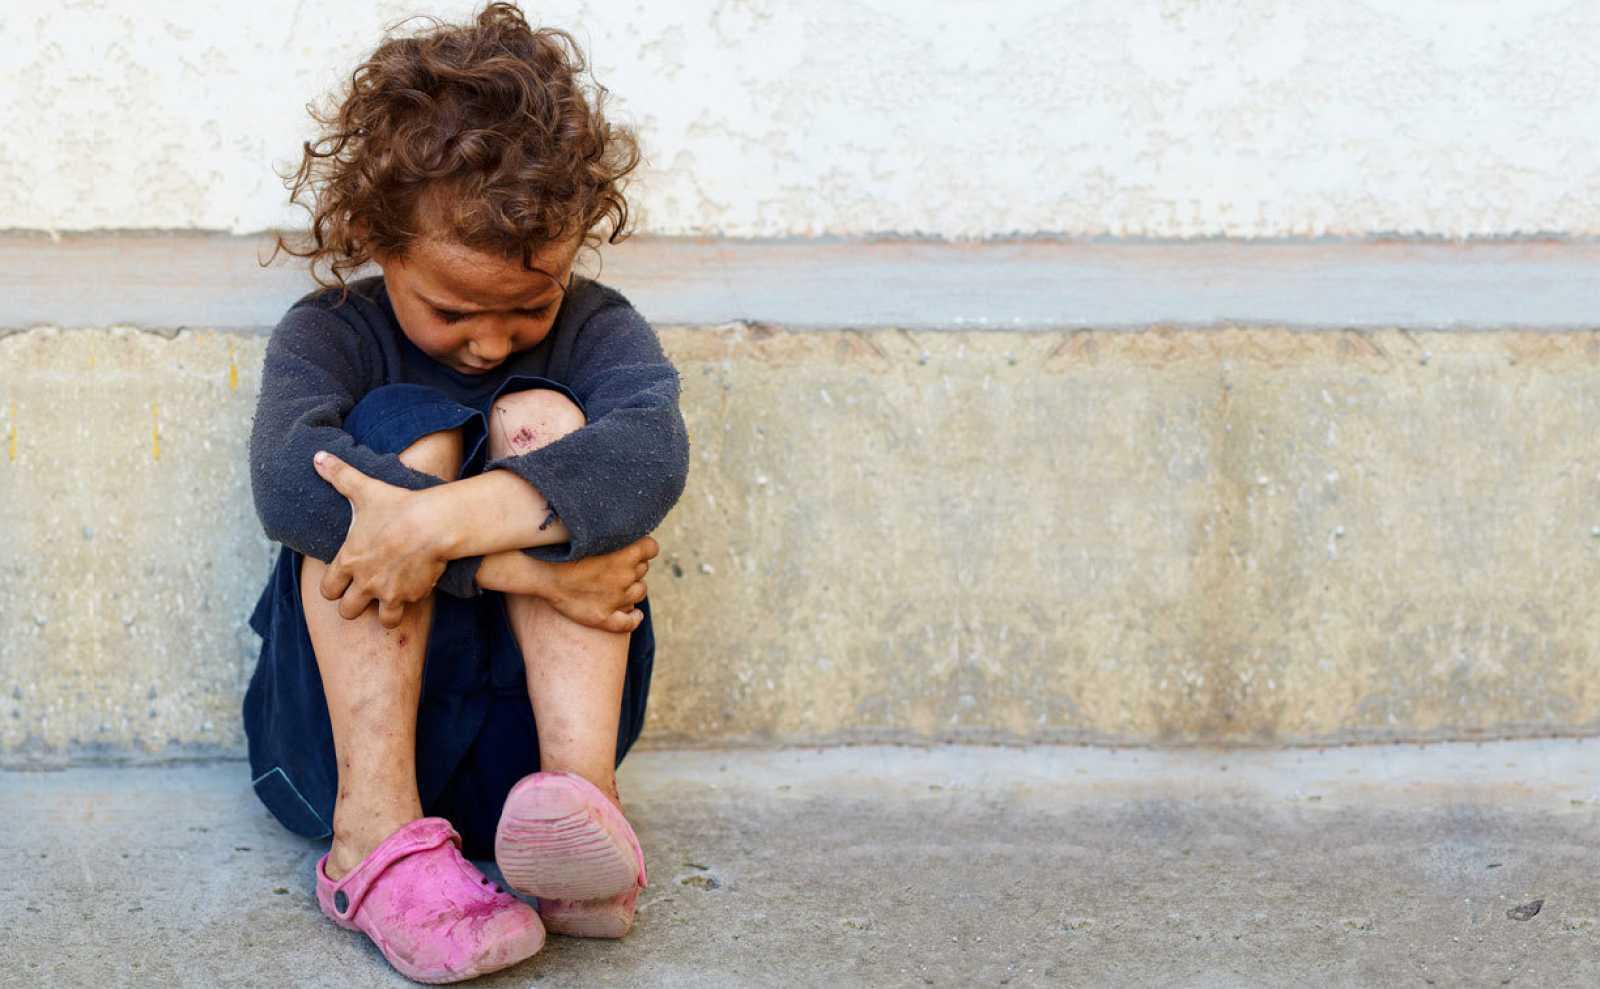 España, el segundo país de la Unión Europea con más pobreza infantil